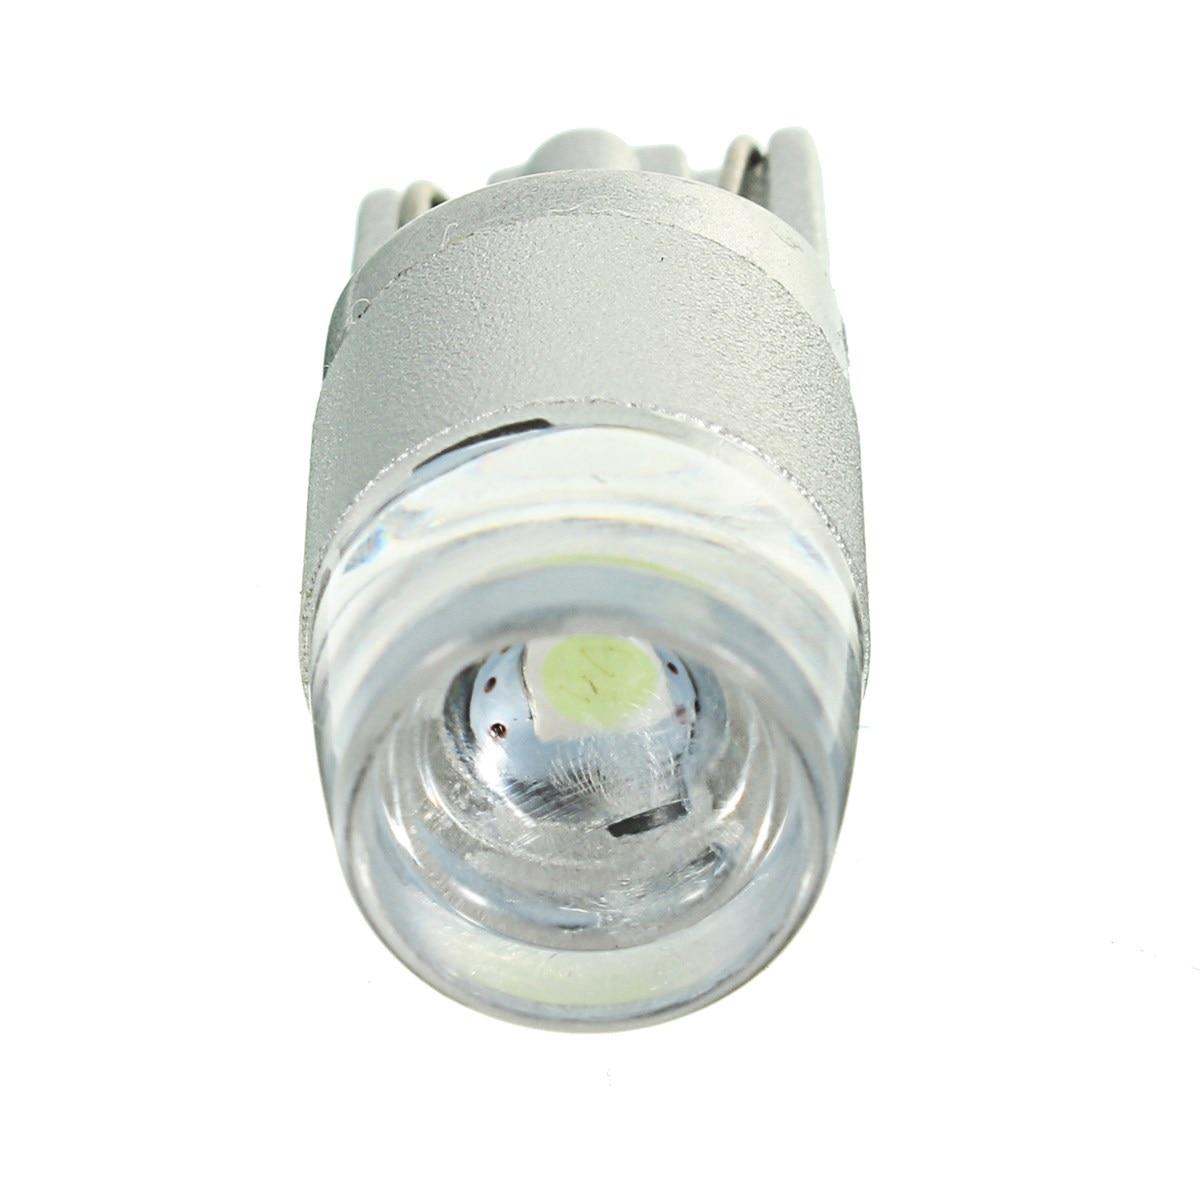 2 шт. T10 W5W LED 3030 чип автомобиля Габаритные огни LED замена лампы для автомобилей Подсветка регистрационного номера Автомобильные стояночные о...